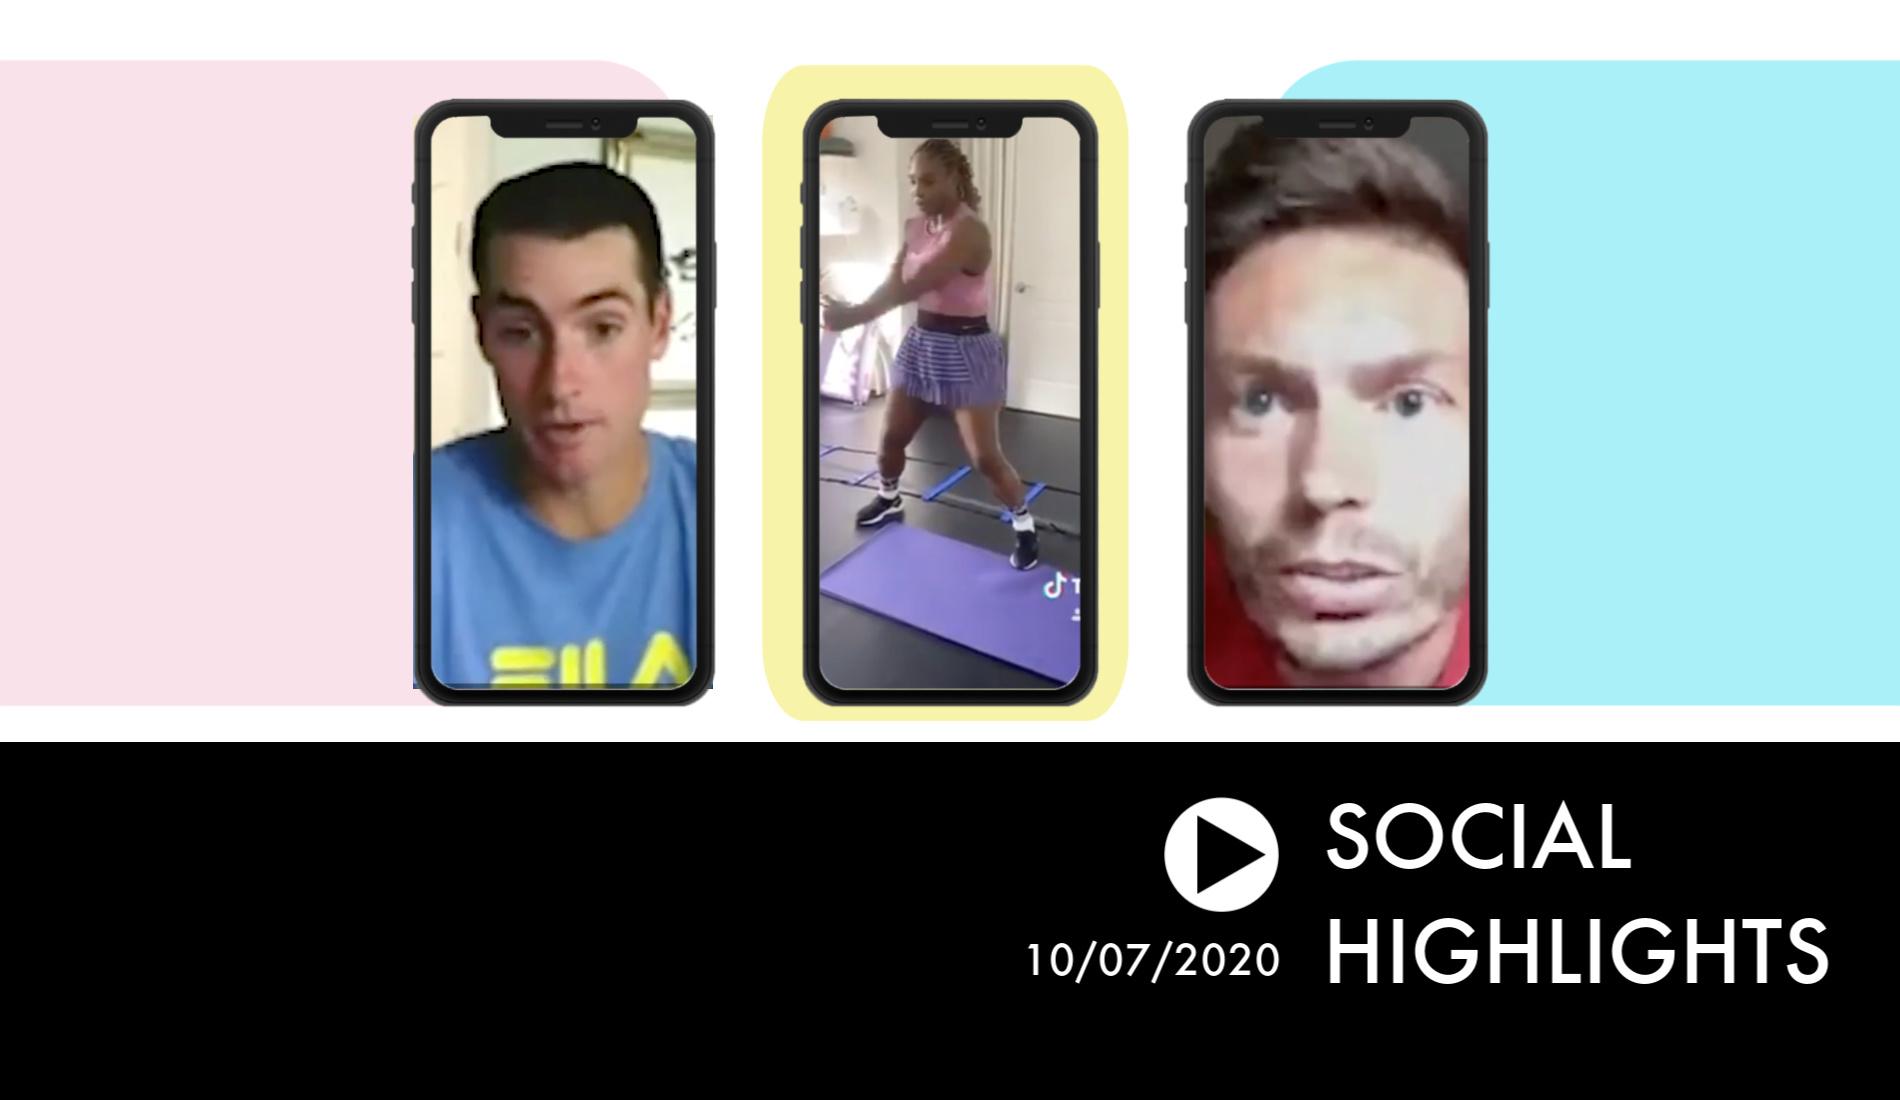 Social Highlights - 10/07